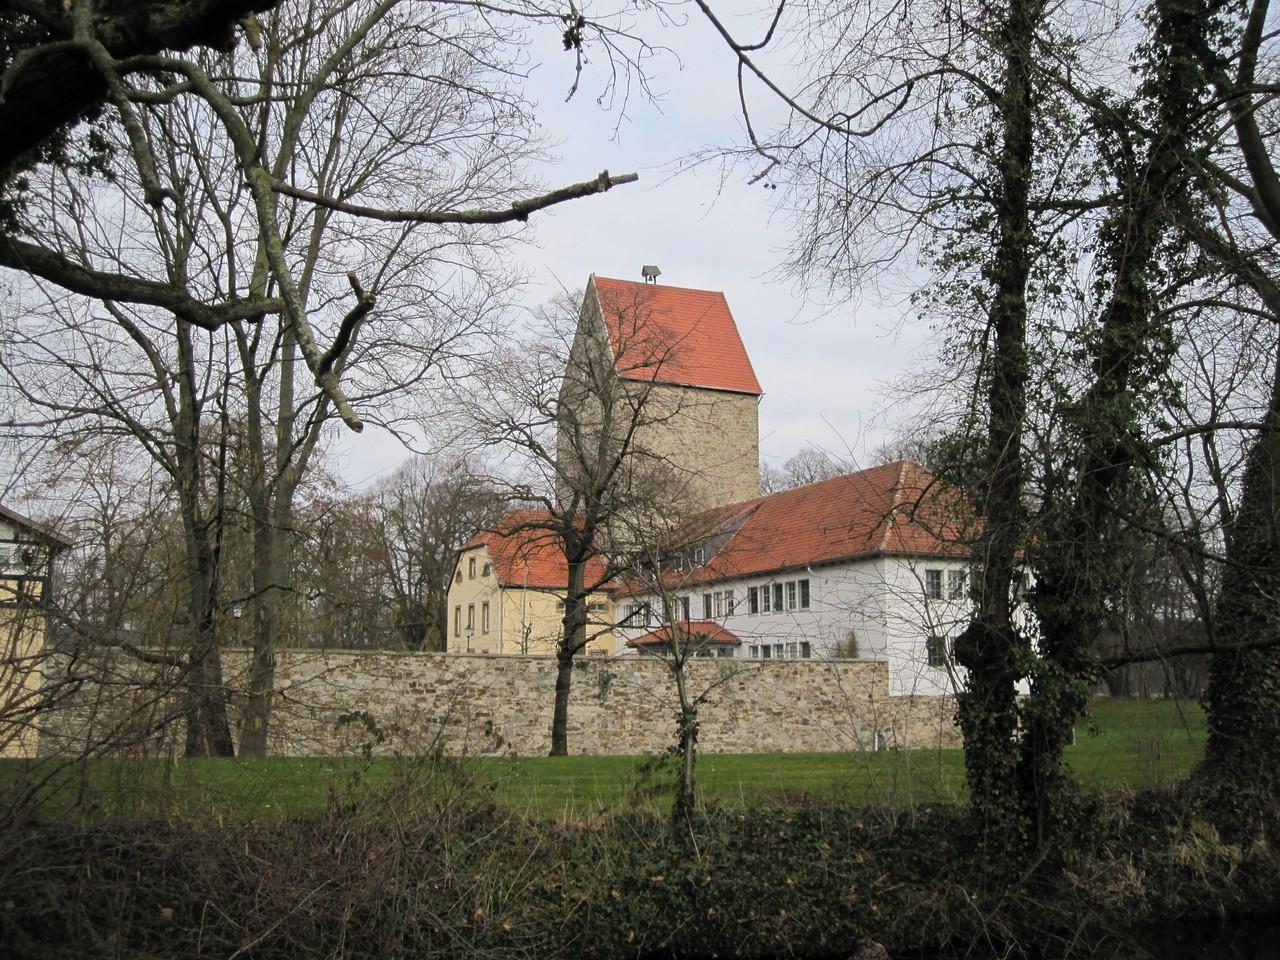 Burg Wittlage Burgen Und Schl Sser Kelten Mittelalter